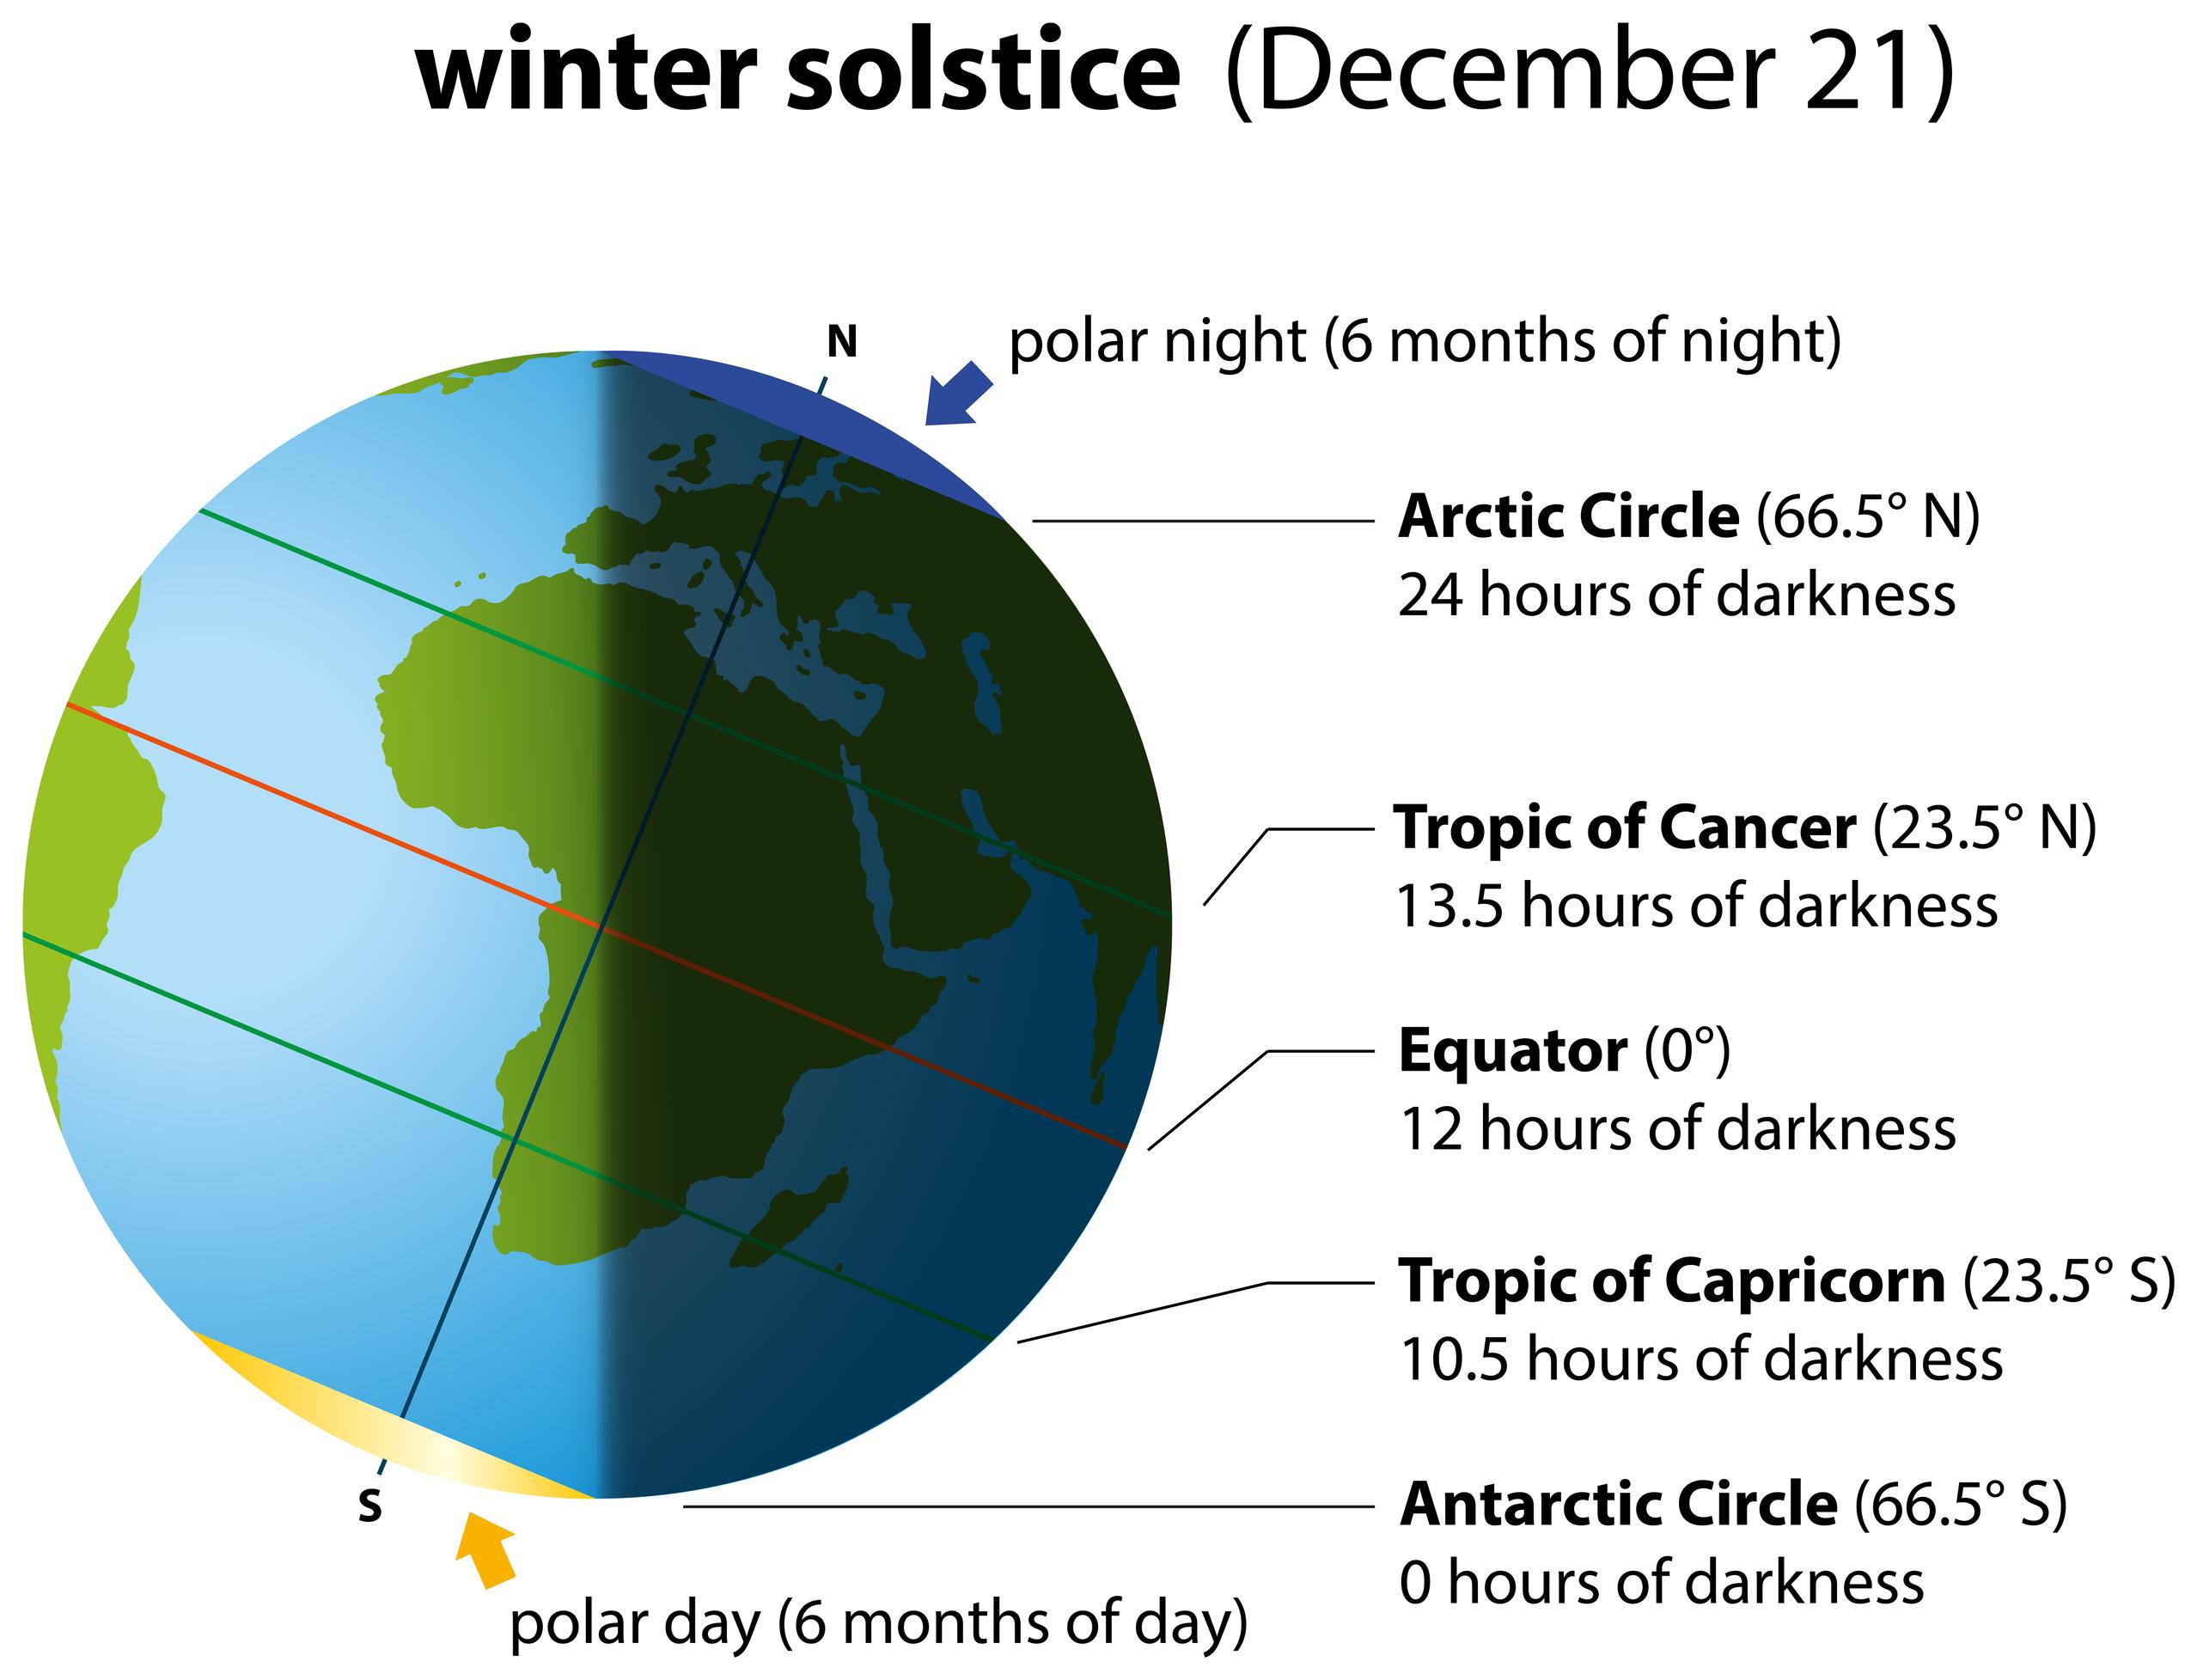 Happy Winters Solstice Dreamstimelarge_34471073